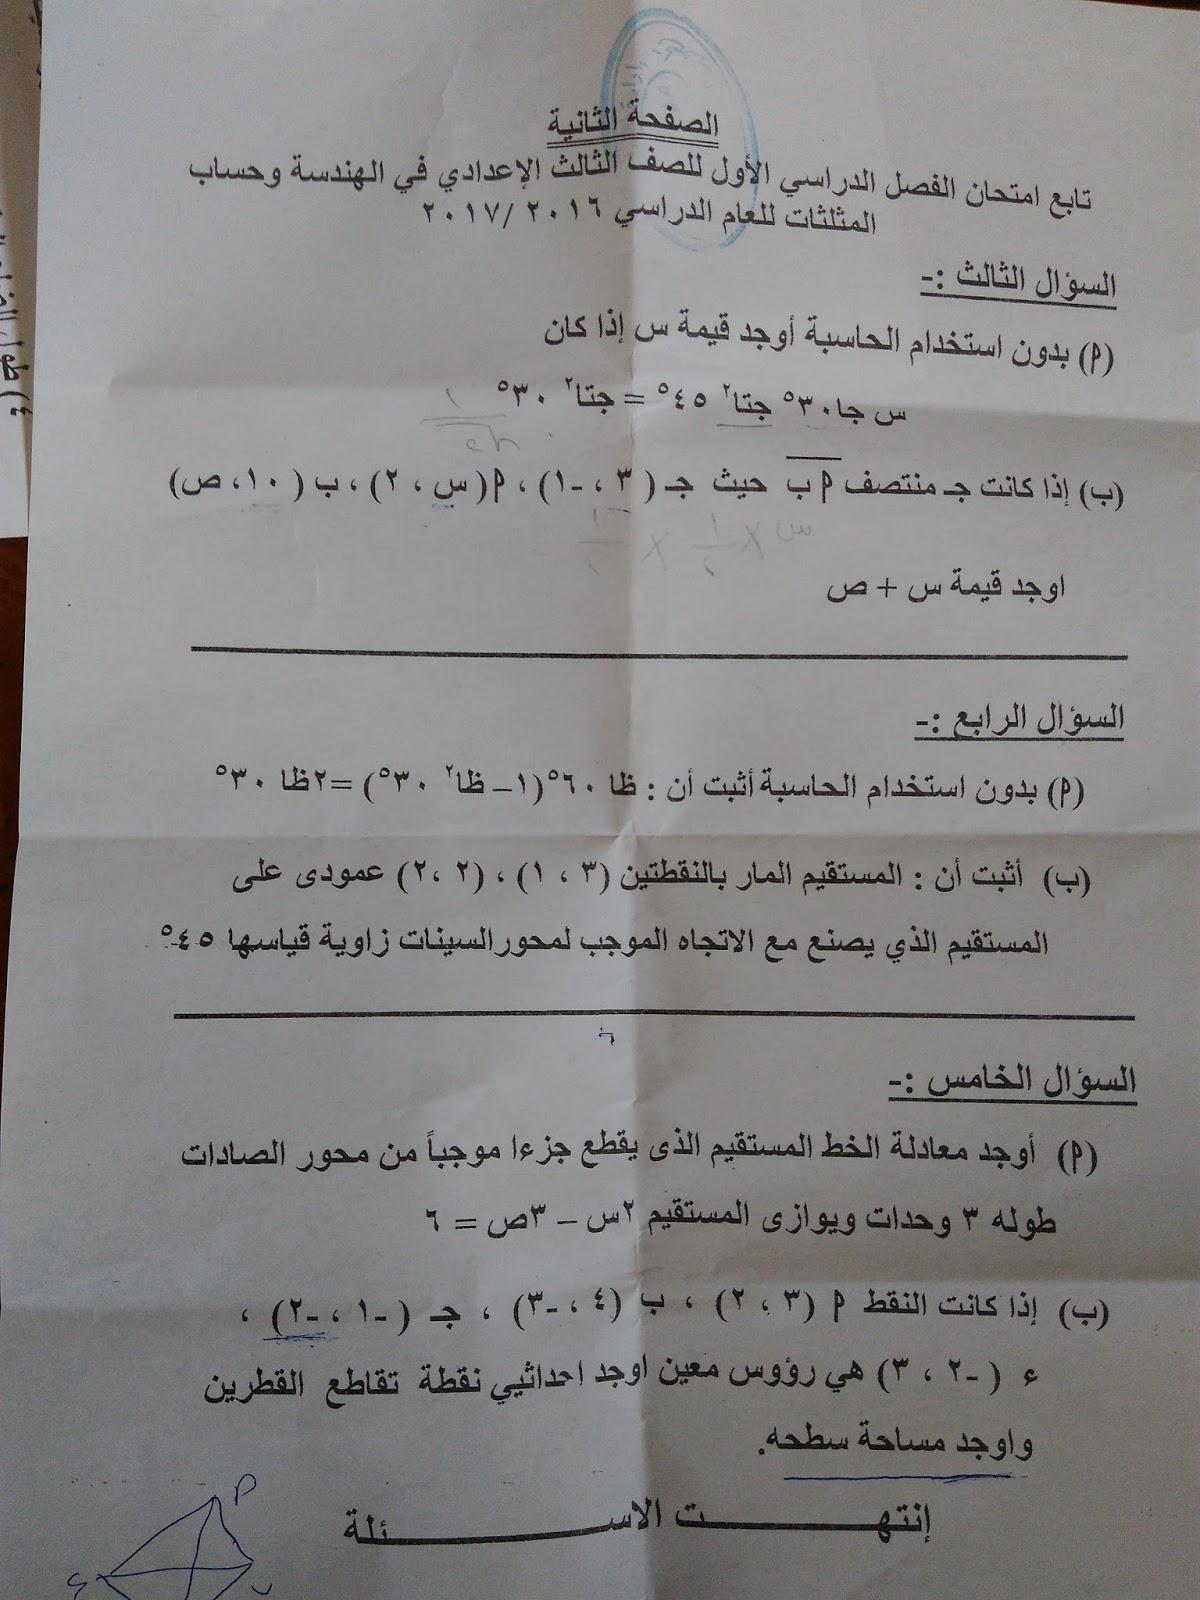 اختبار نصف العام الرسمى فى الهندسه محافظة الفيوم الصف الثالث الاعدادي الترم الاول